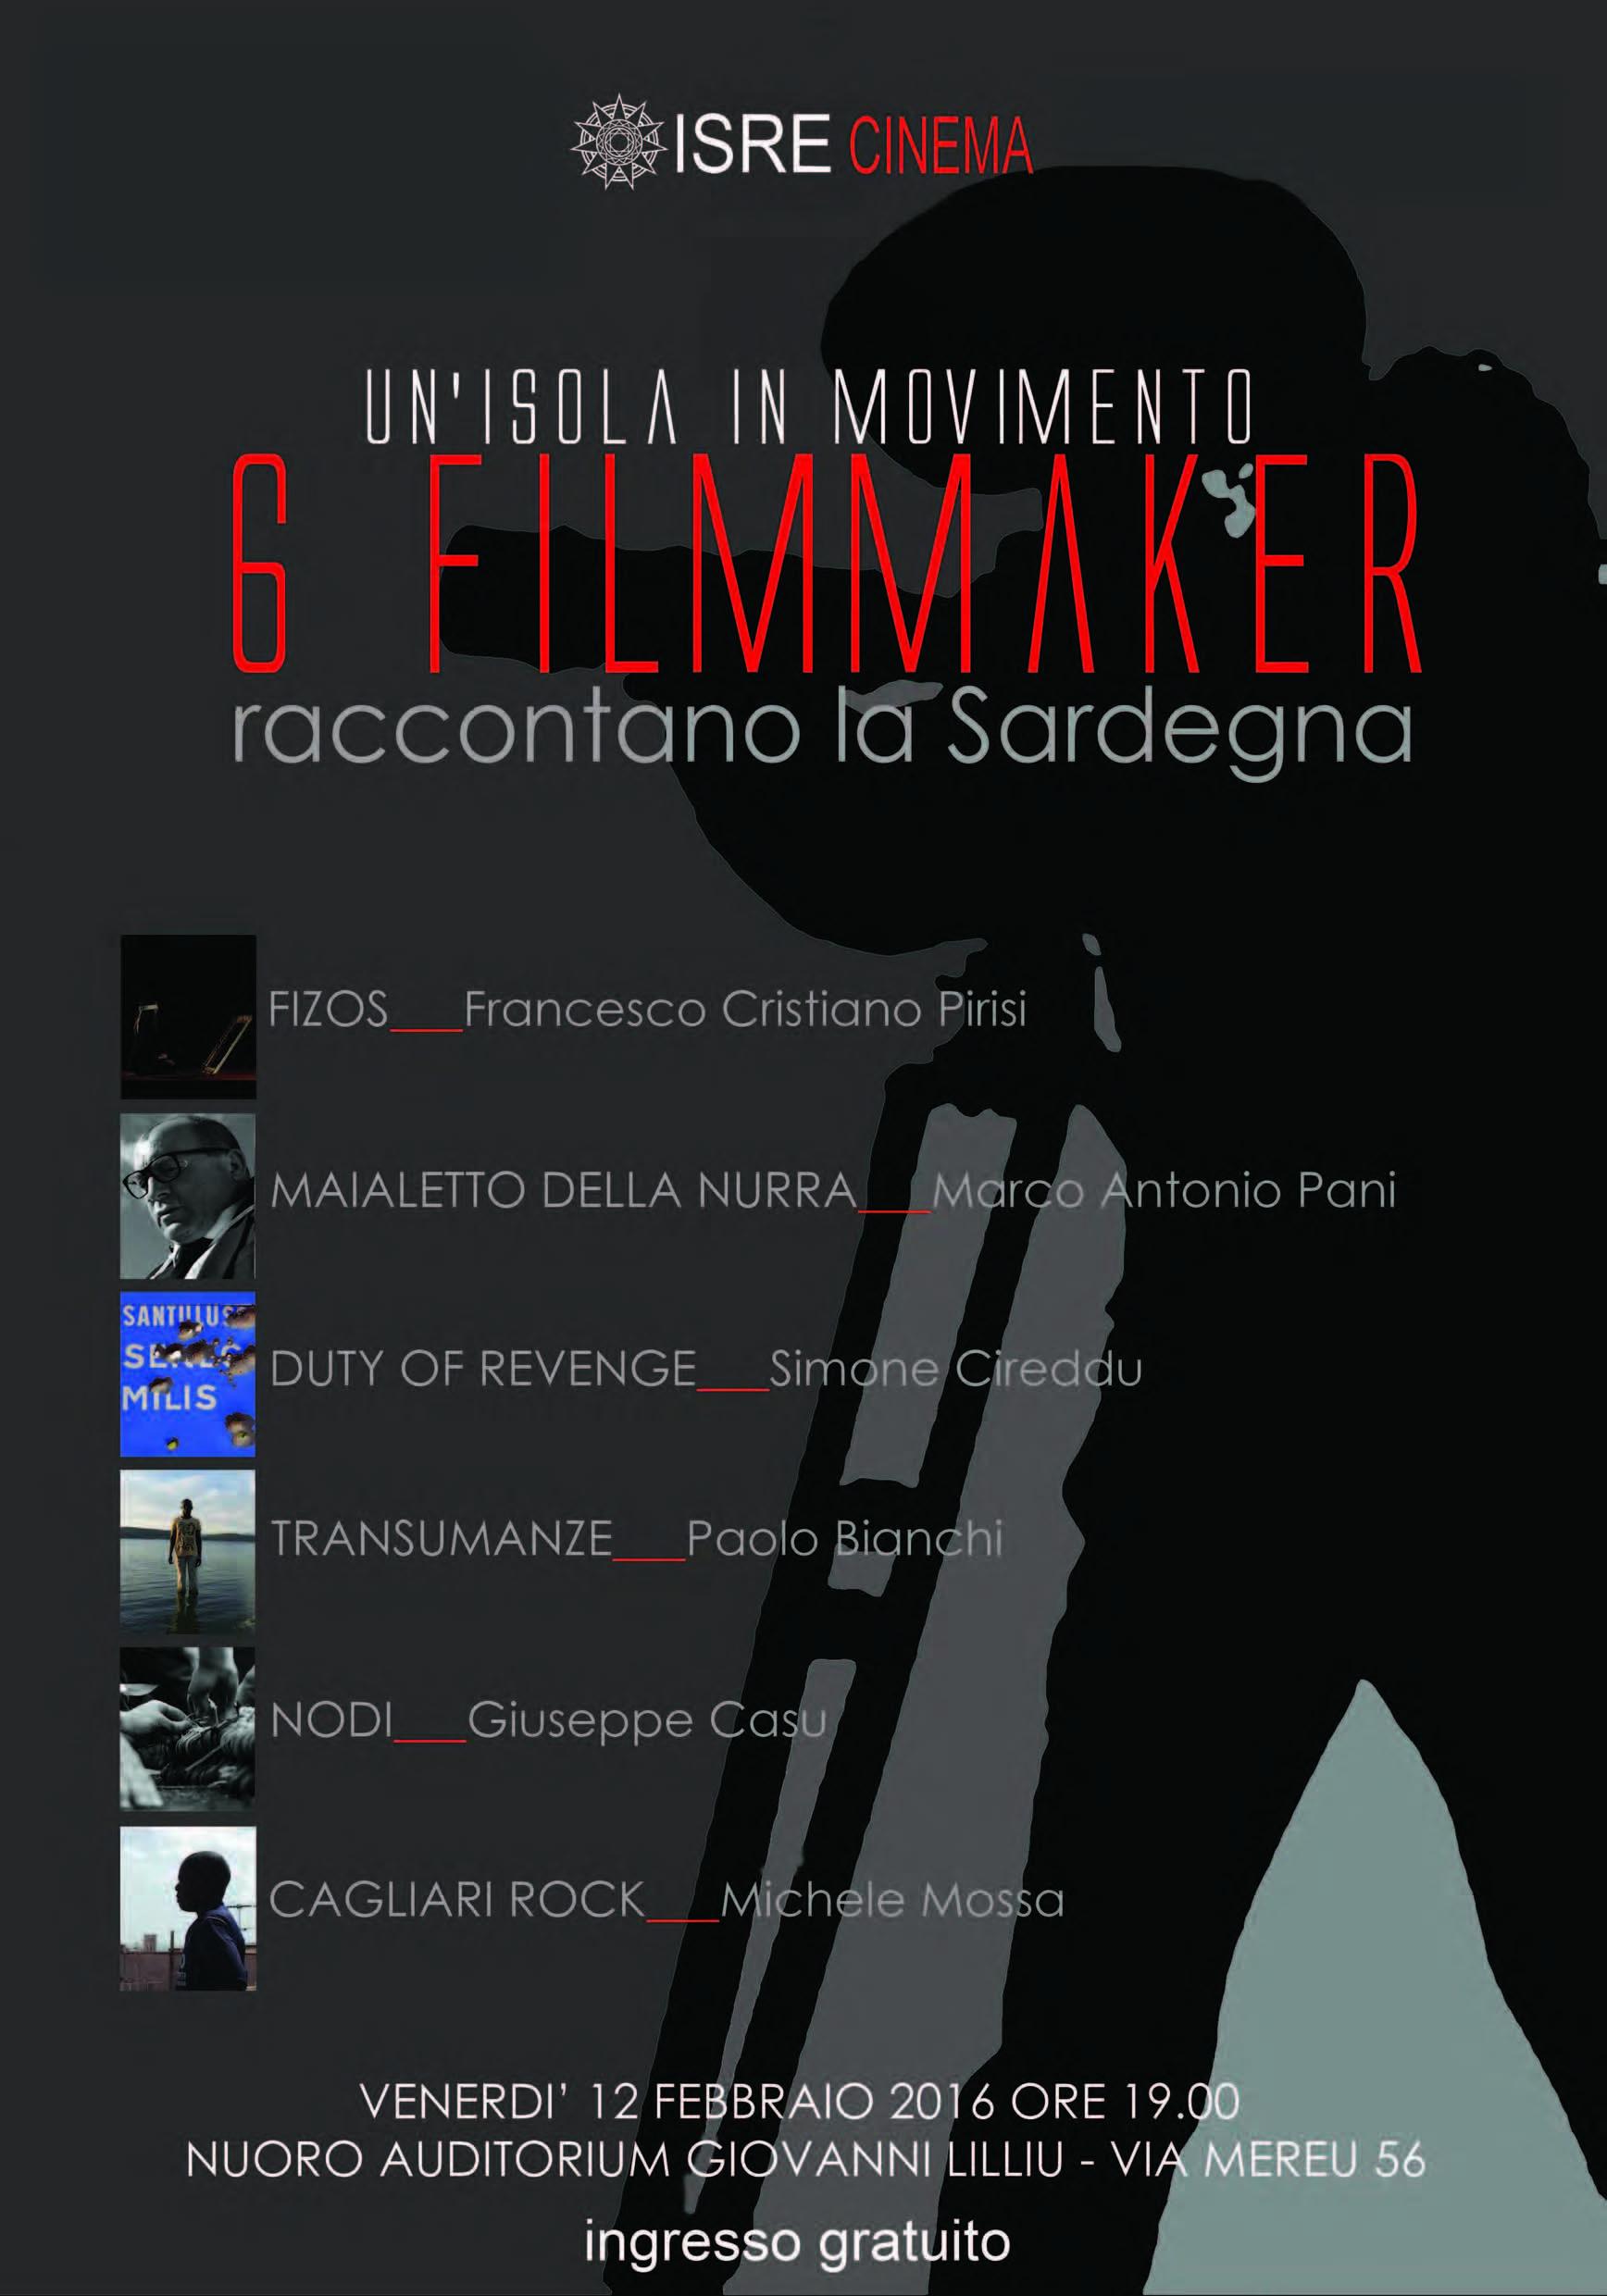 ISRE, da febbraio 2016 le nuove iniziative dedicate al cinema. Ad aprile il nuovo Festival cinematografico.